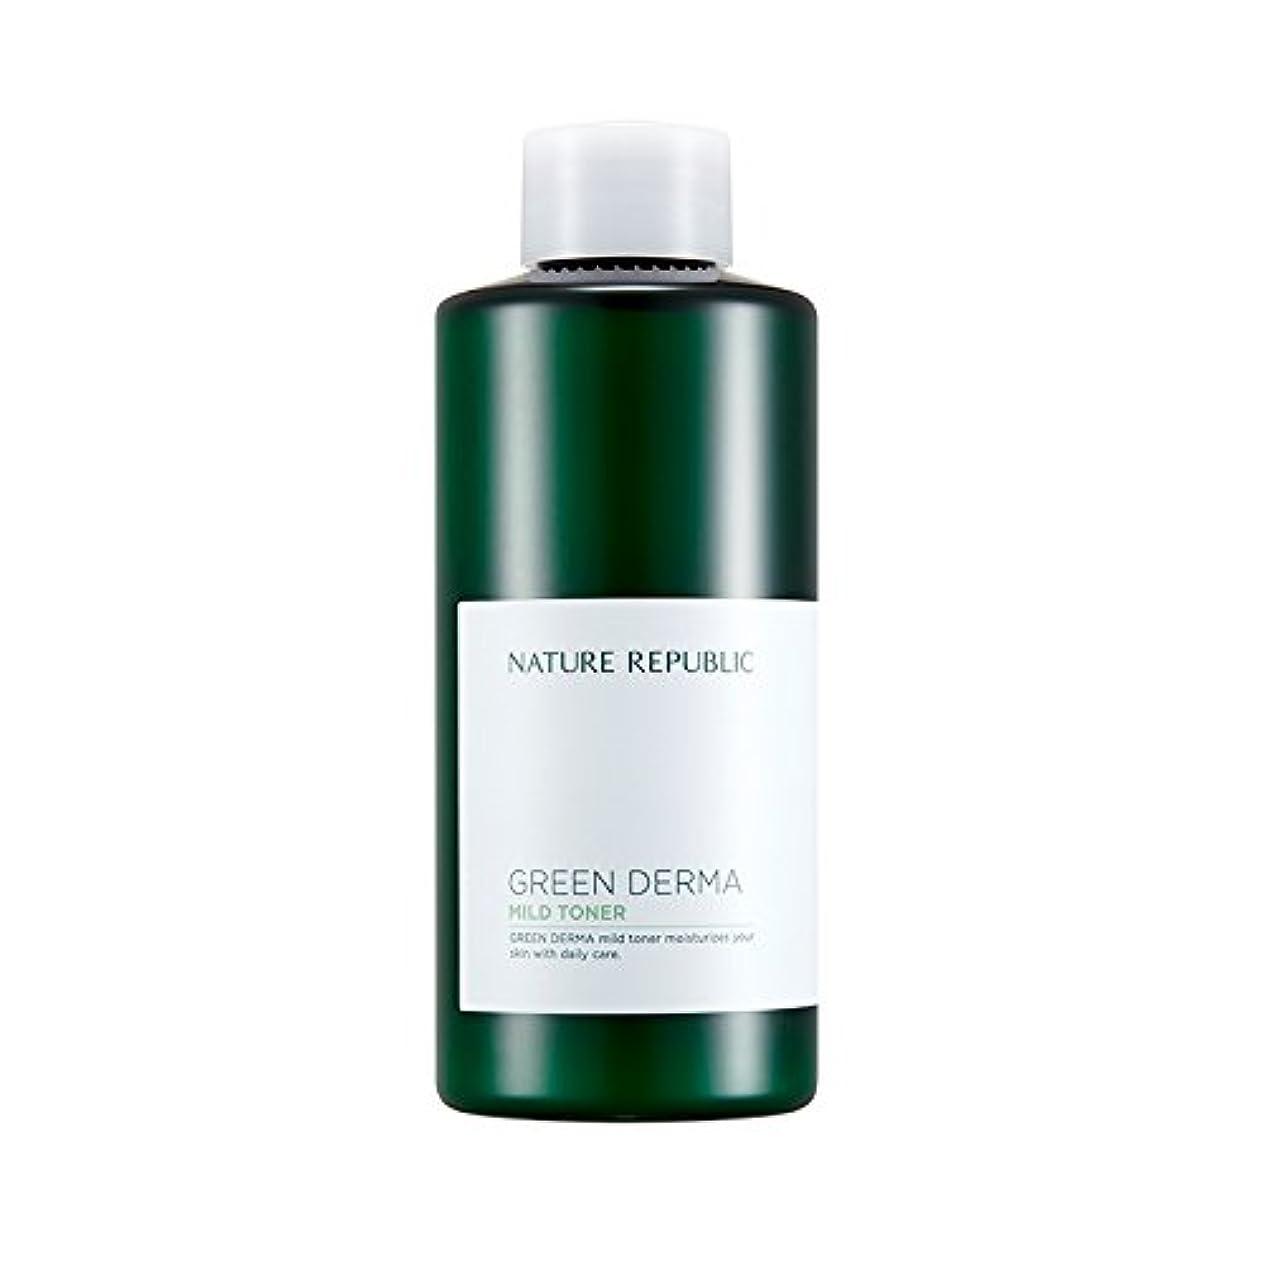 所有権維持すすり泣きNATURE REPUBLIC Green Derma Mild Toner / ネイチャーリパブリック グリーンダーママイルドトナー 200ml [並行輸入品]